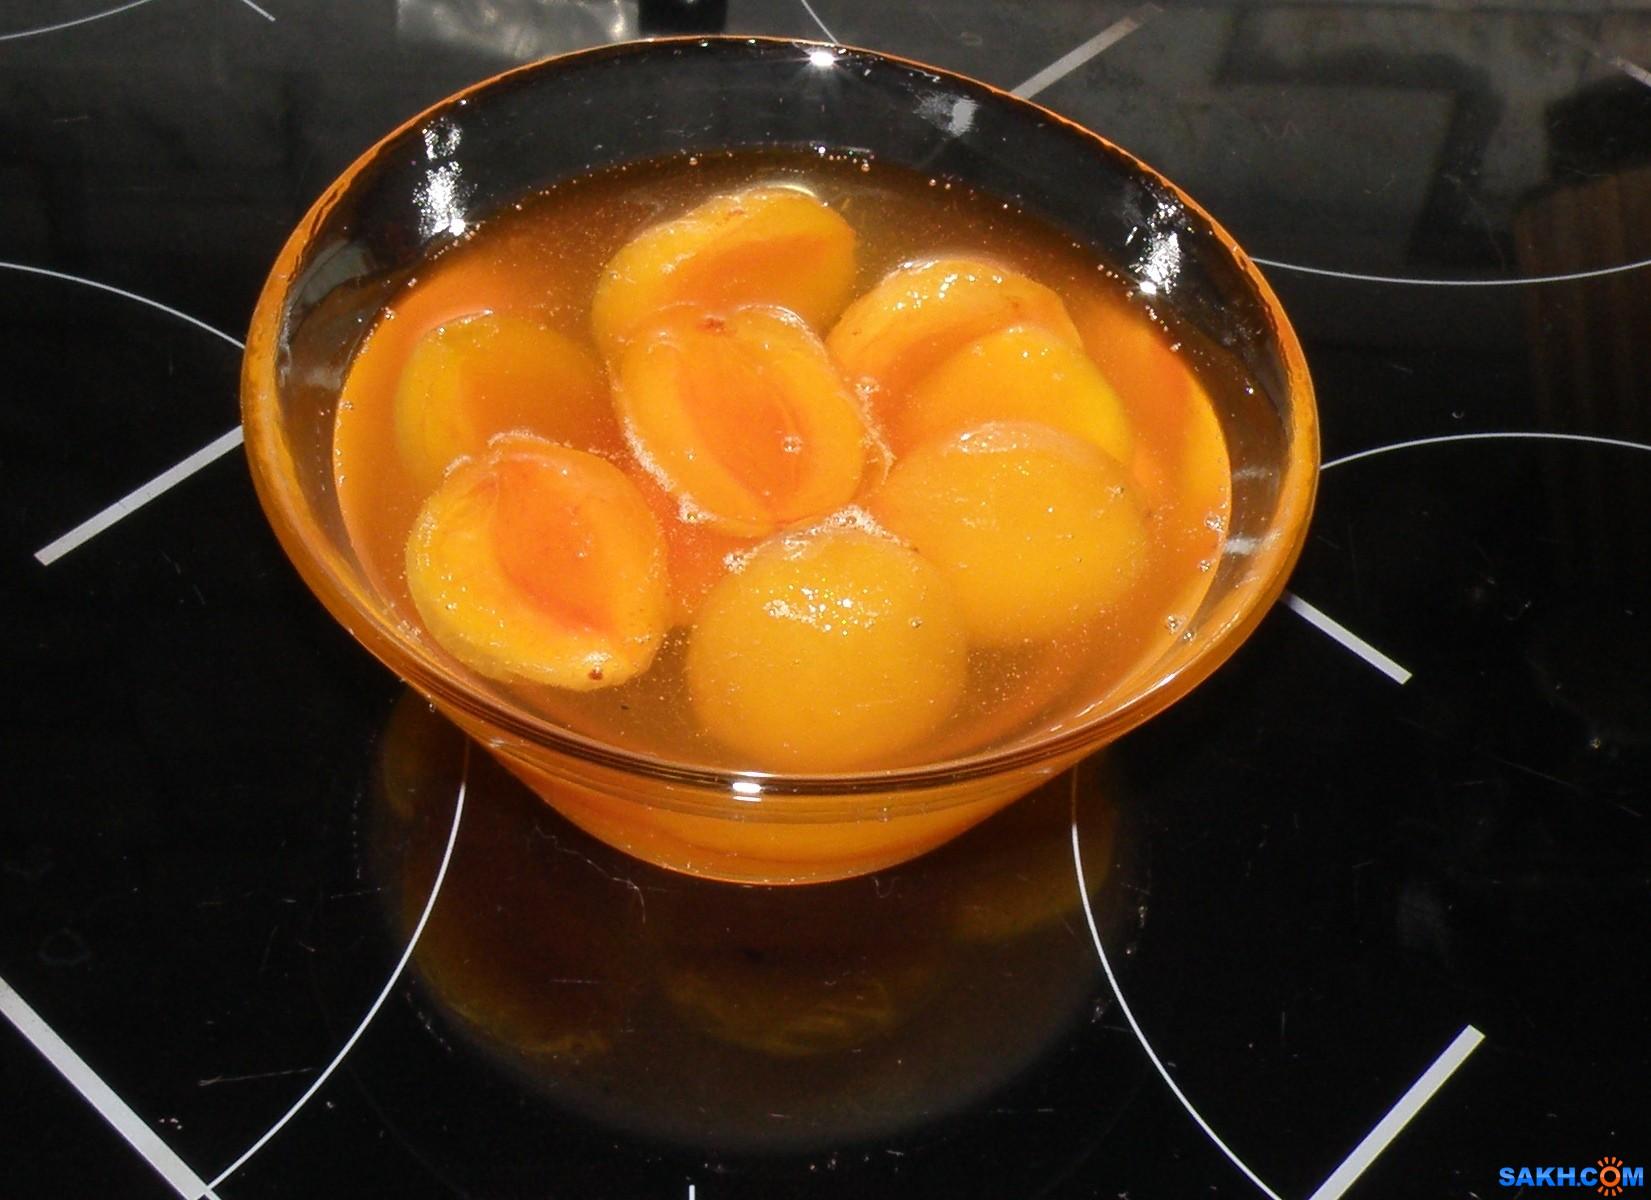 tasya: Янтарного цвета, прозрачное варенье из абрикосовых долек.